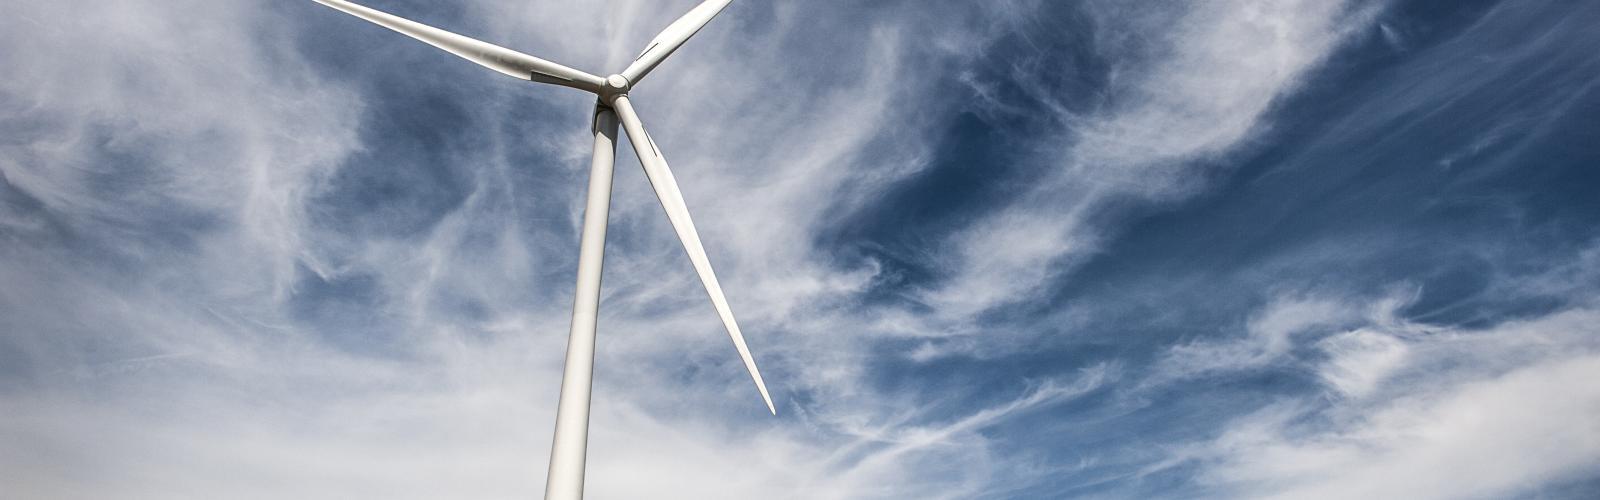 moderne windmolen